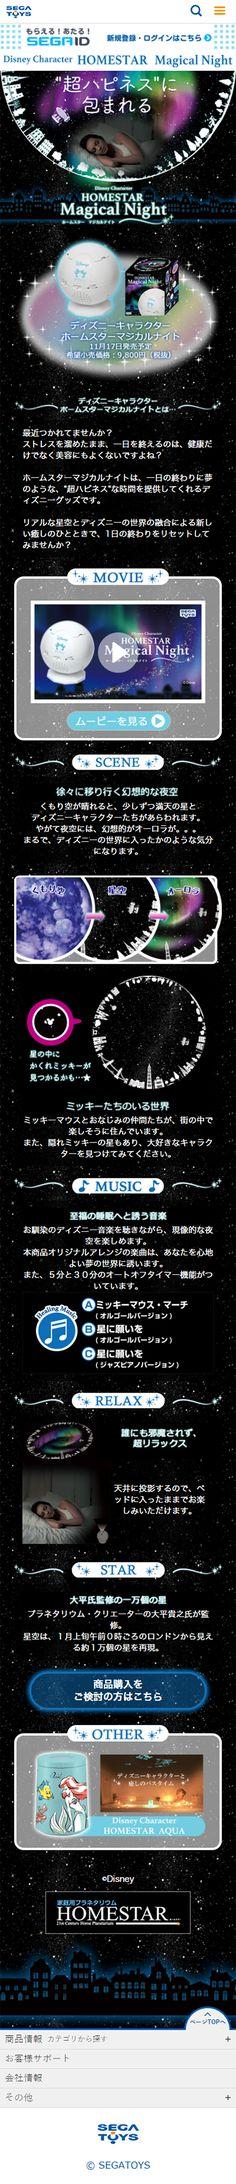 Disney Character HOMESTAR Magical Night WEBデザイナーさん必見!スマホランディングページのデザイン参考に(かわいい系)